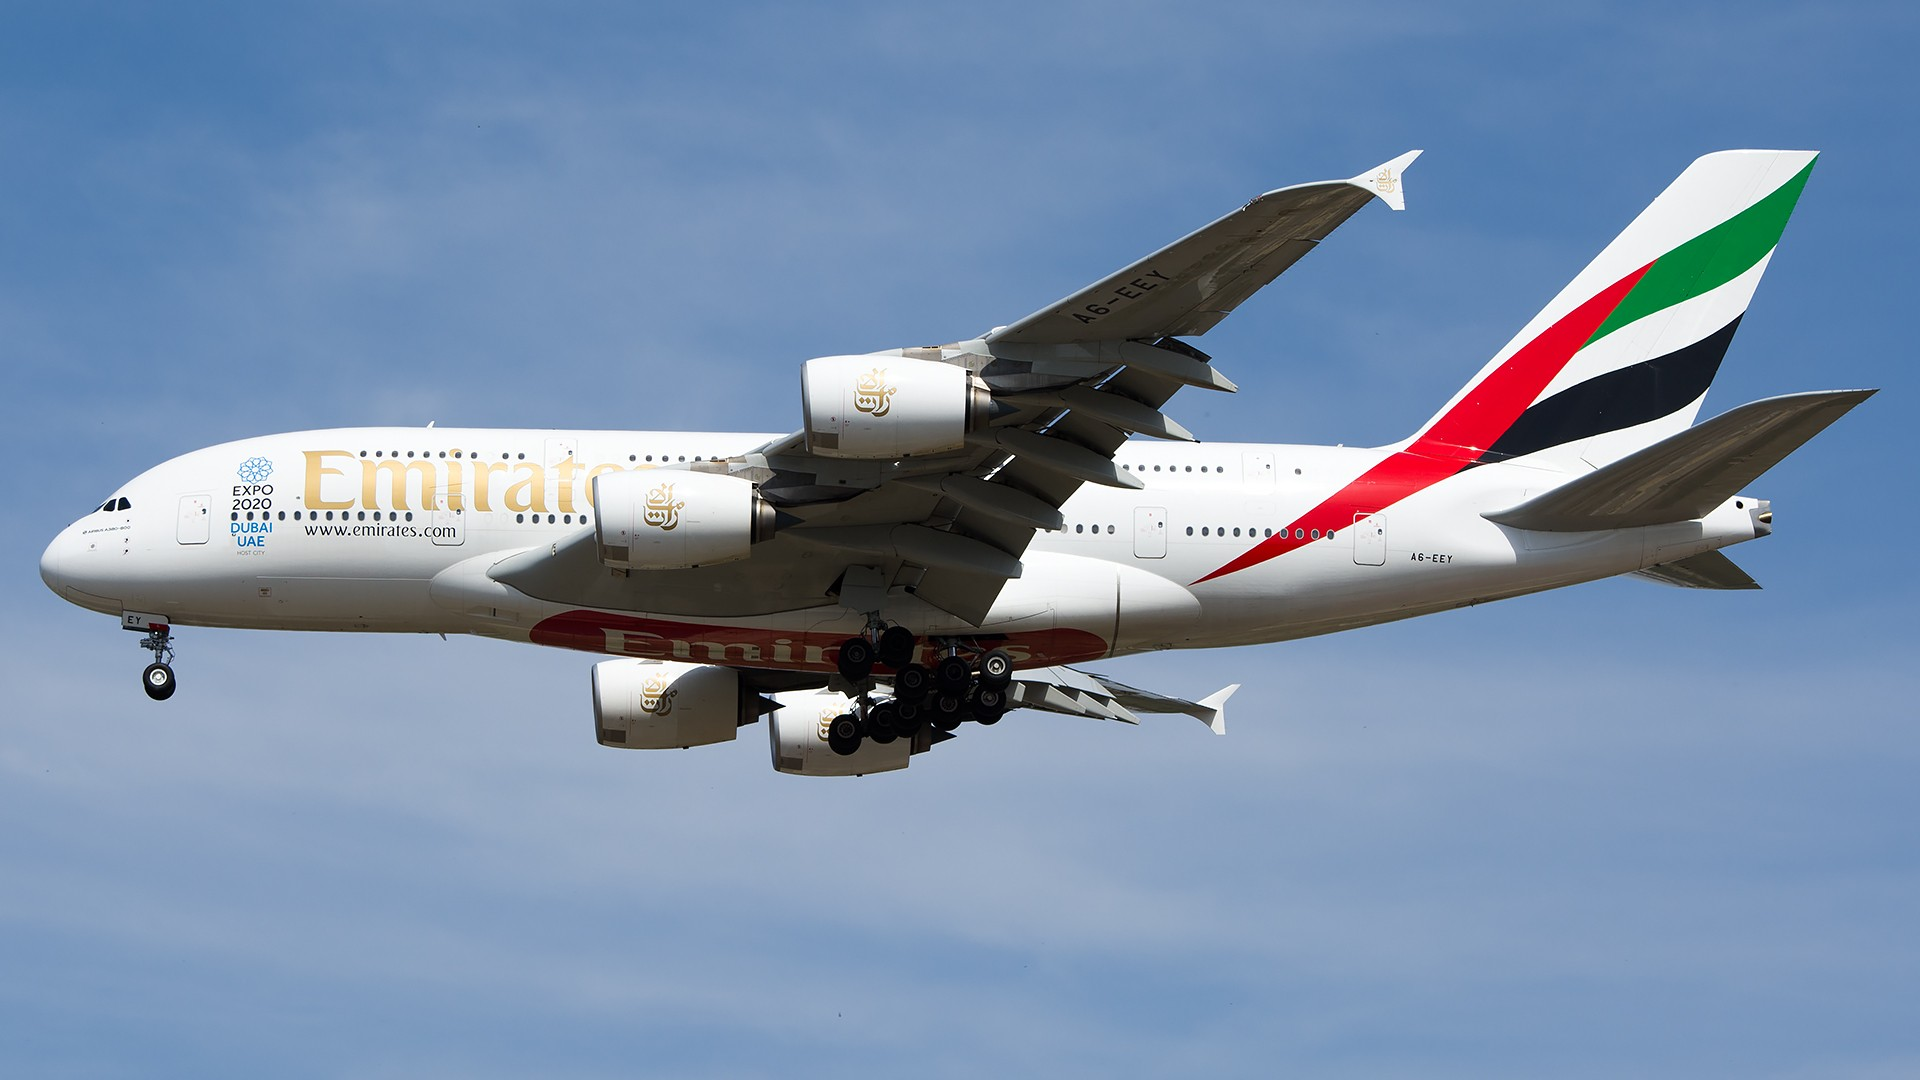 Re:[原创]PEK01午后两小时抓拍,其实是为AA的One World来的 AIRBUS A380-800 A6-EEY 中国北京首都国际机场